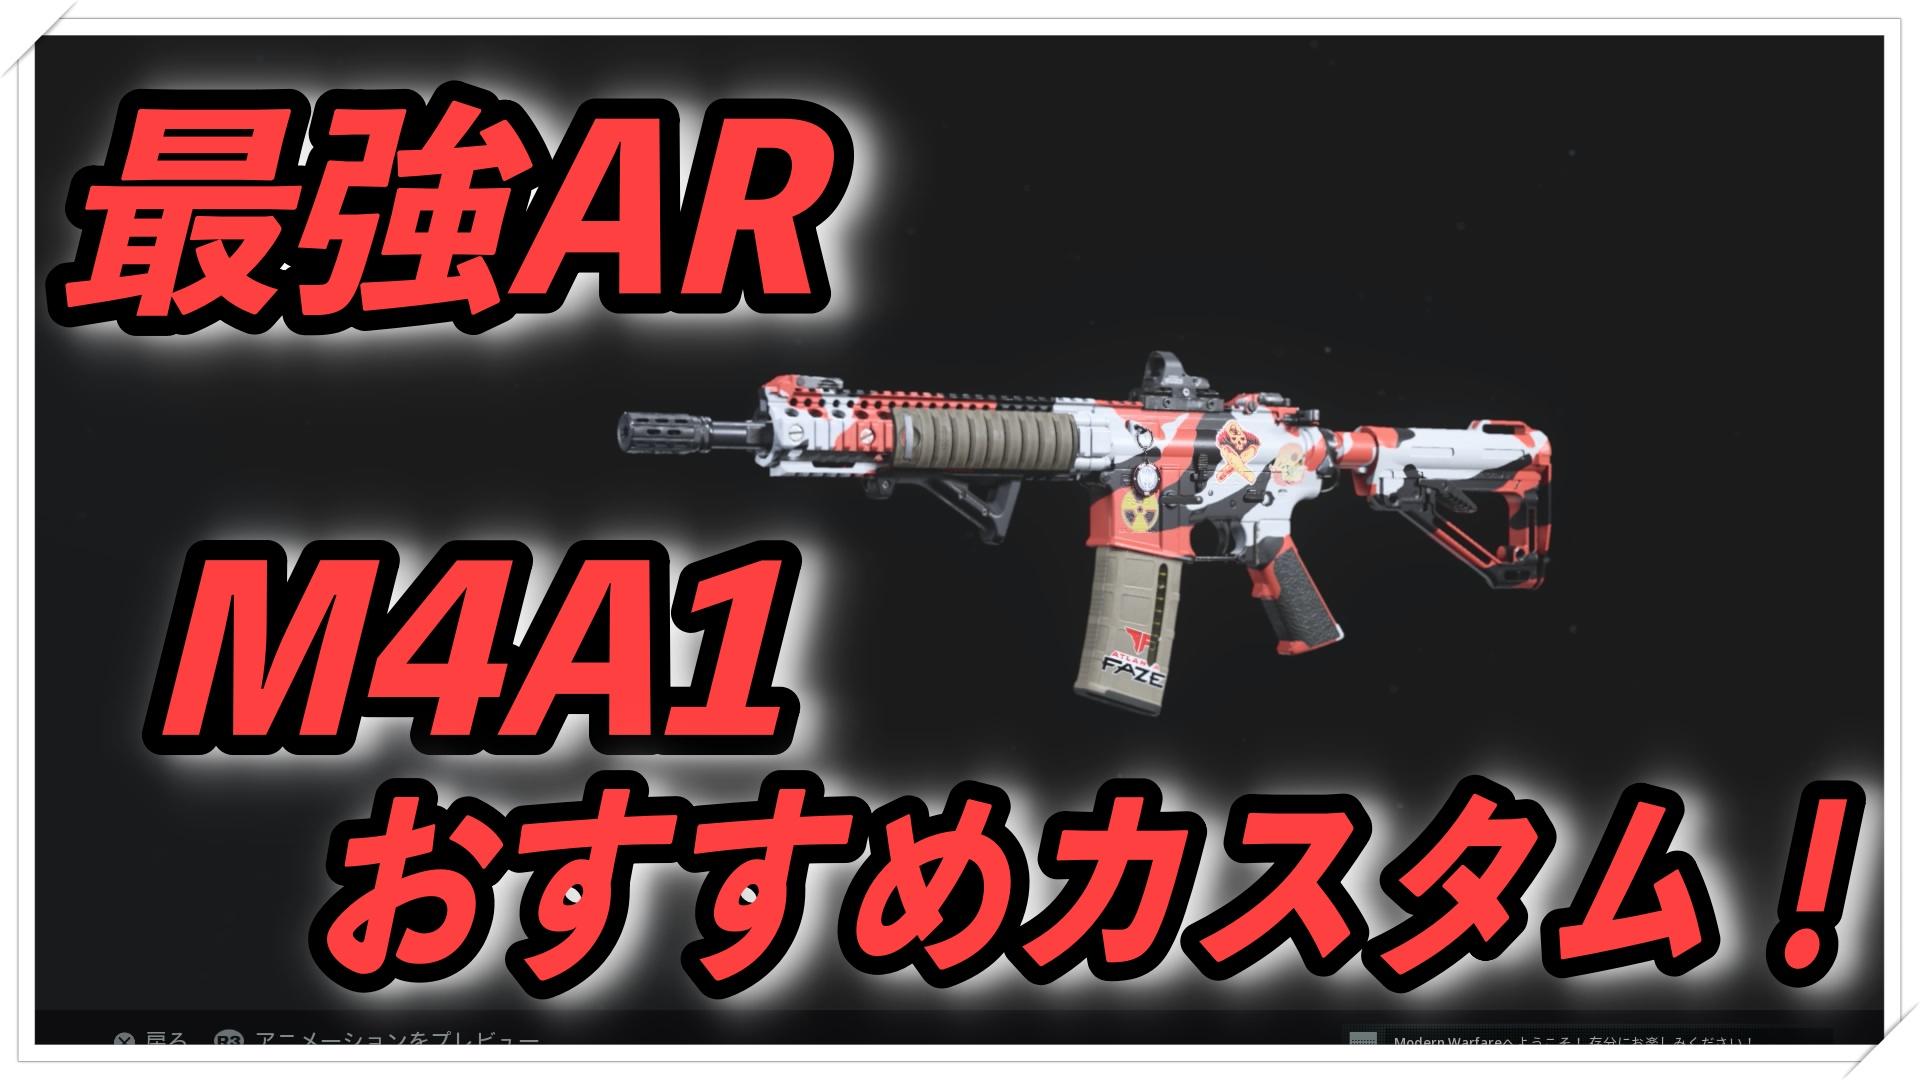 最強AR M4A1おすすめカスタム!